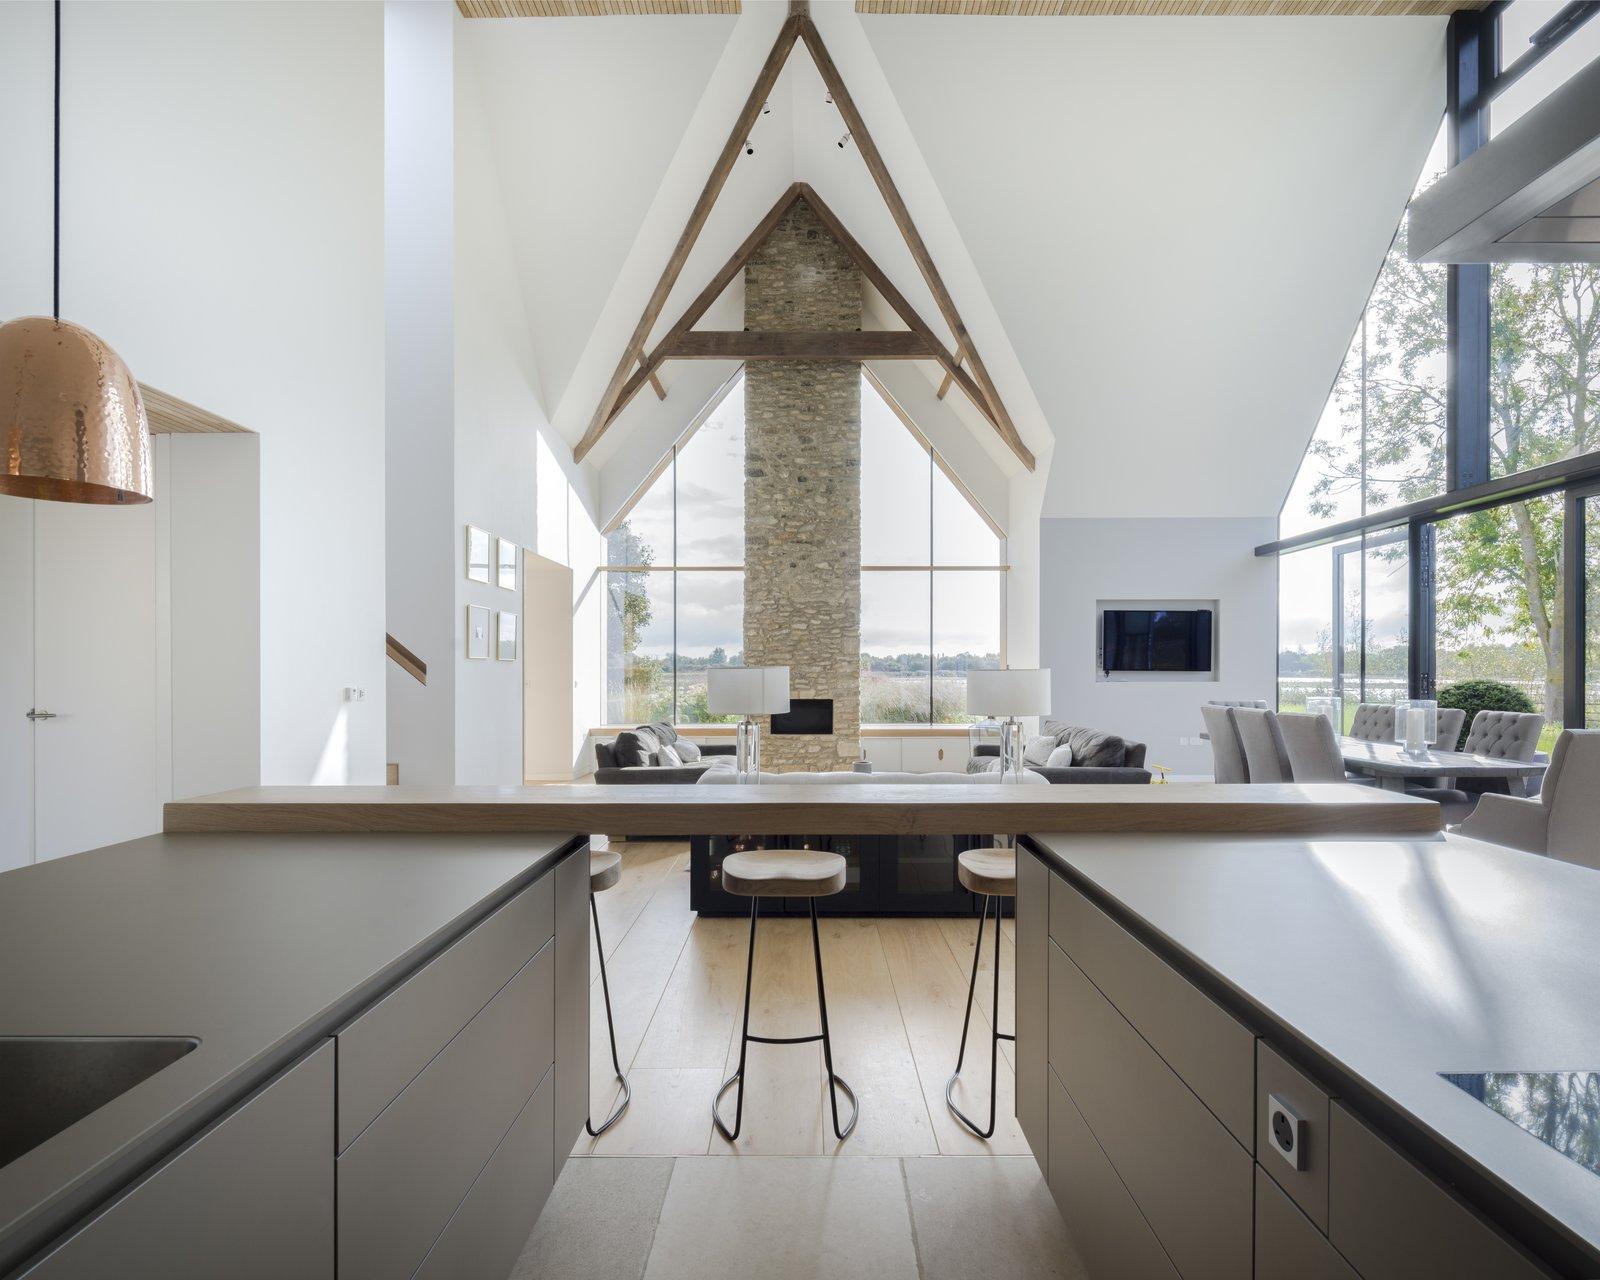 Architect: Waind Gohil + Potter Architects Photography: Anthony Coleman